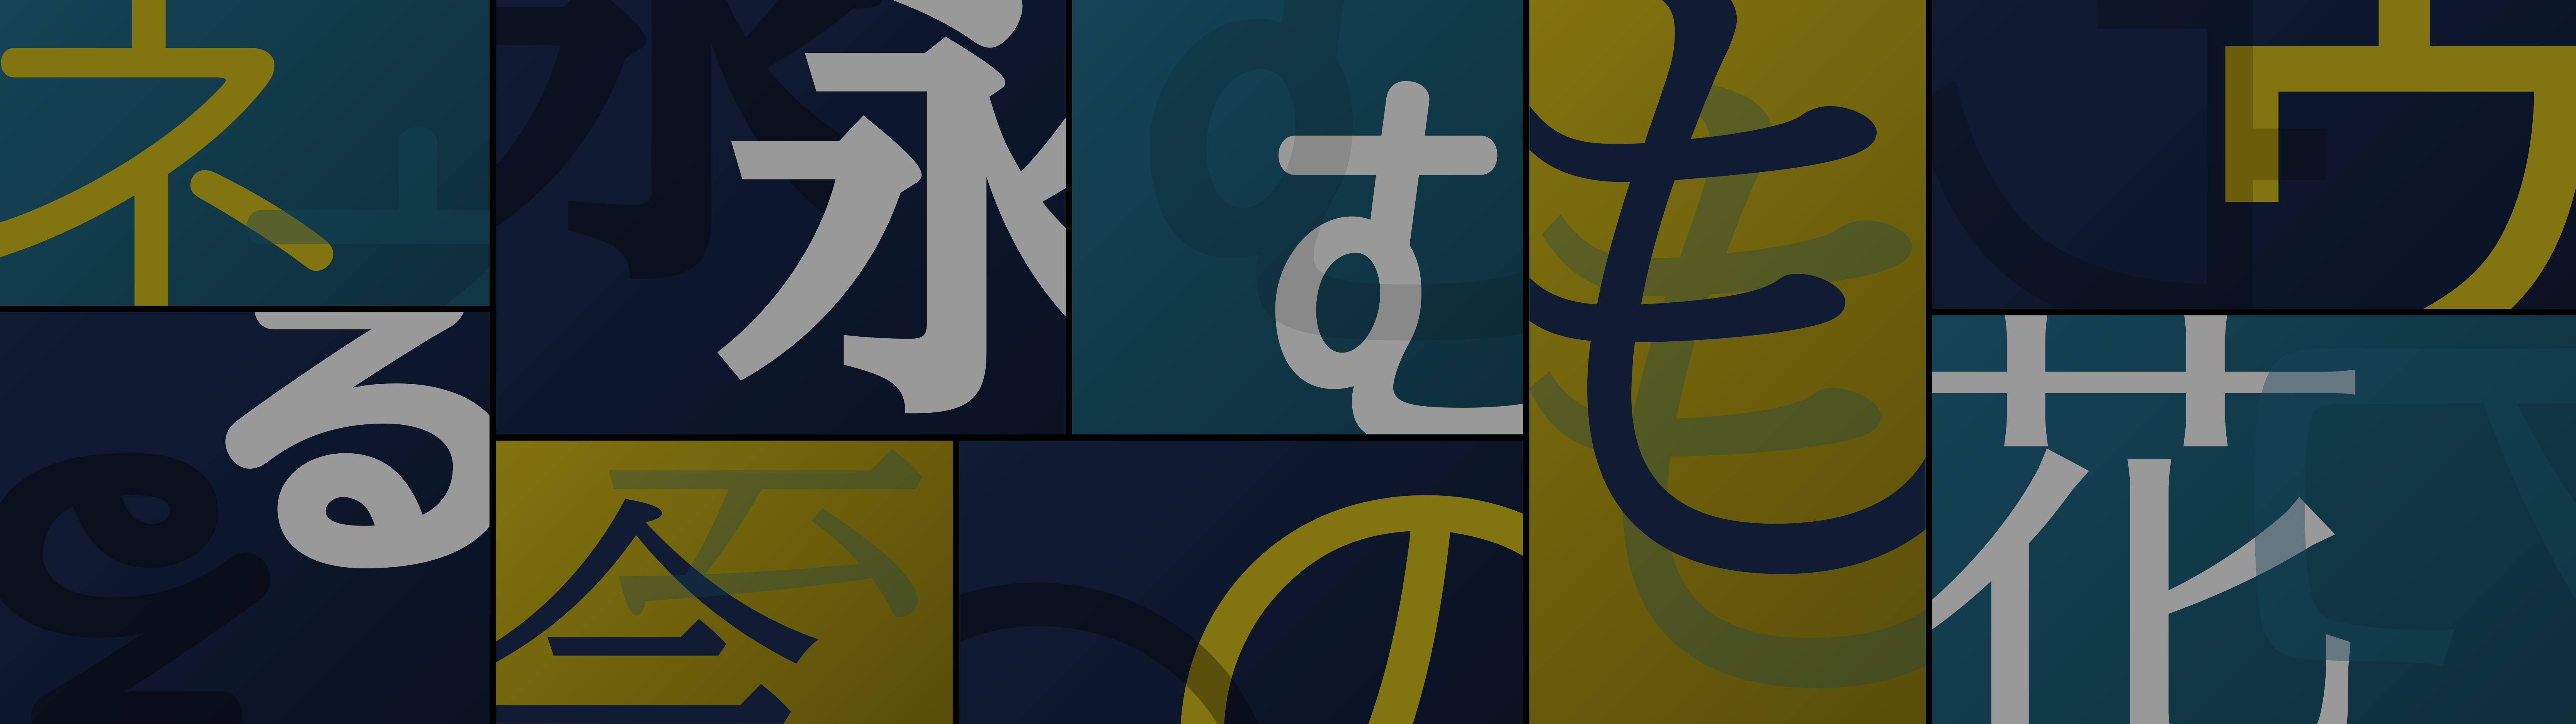 モリサワ、TypeBankフォントをTypekitに追加